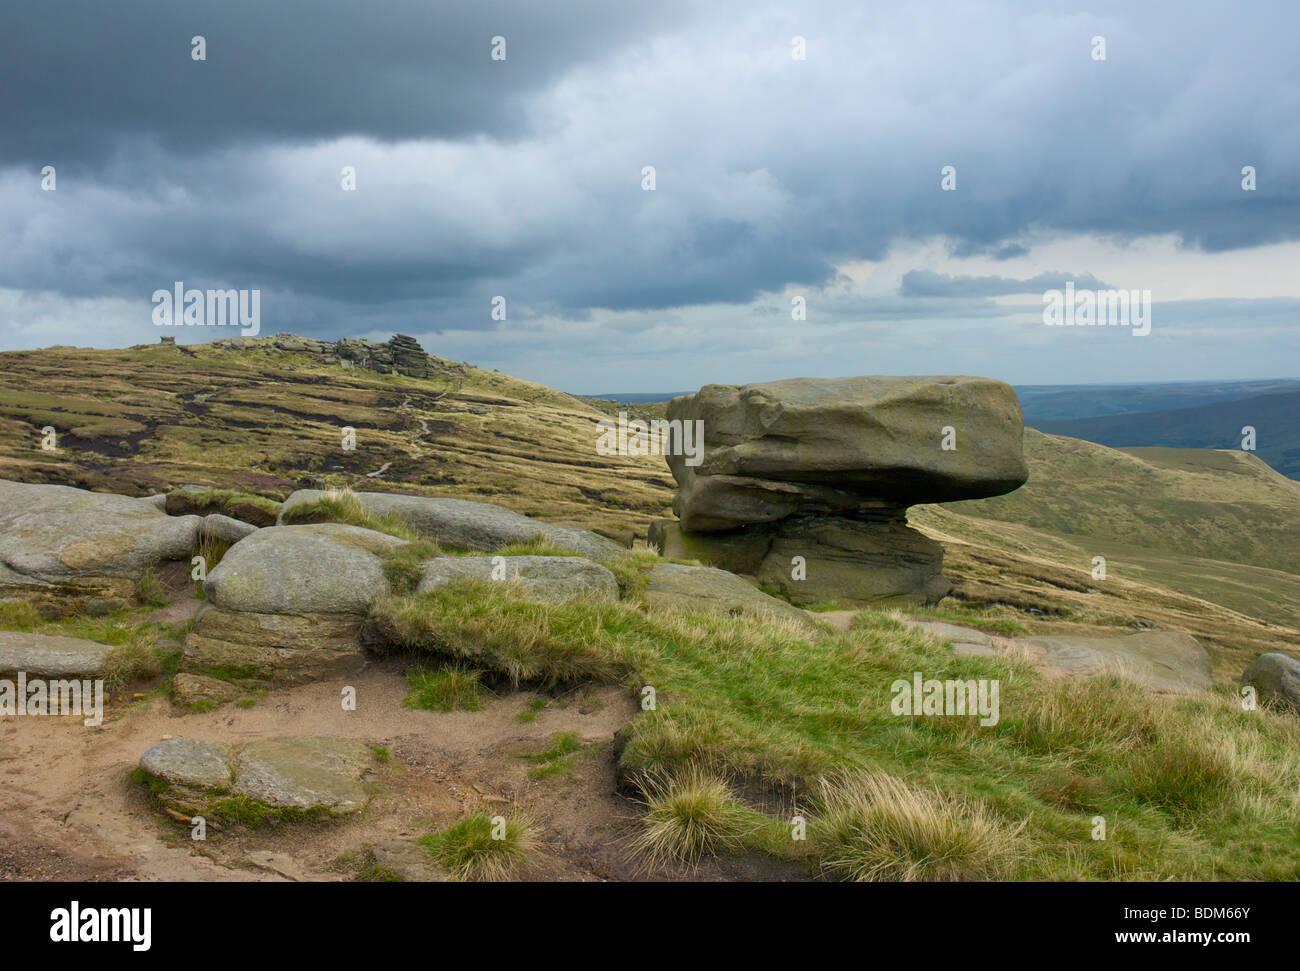 The Noe Stool on Kinder Scout, near Edale, Peak National Park, Derbyshire, England UK - Stock Image